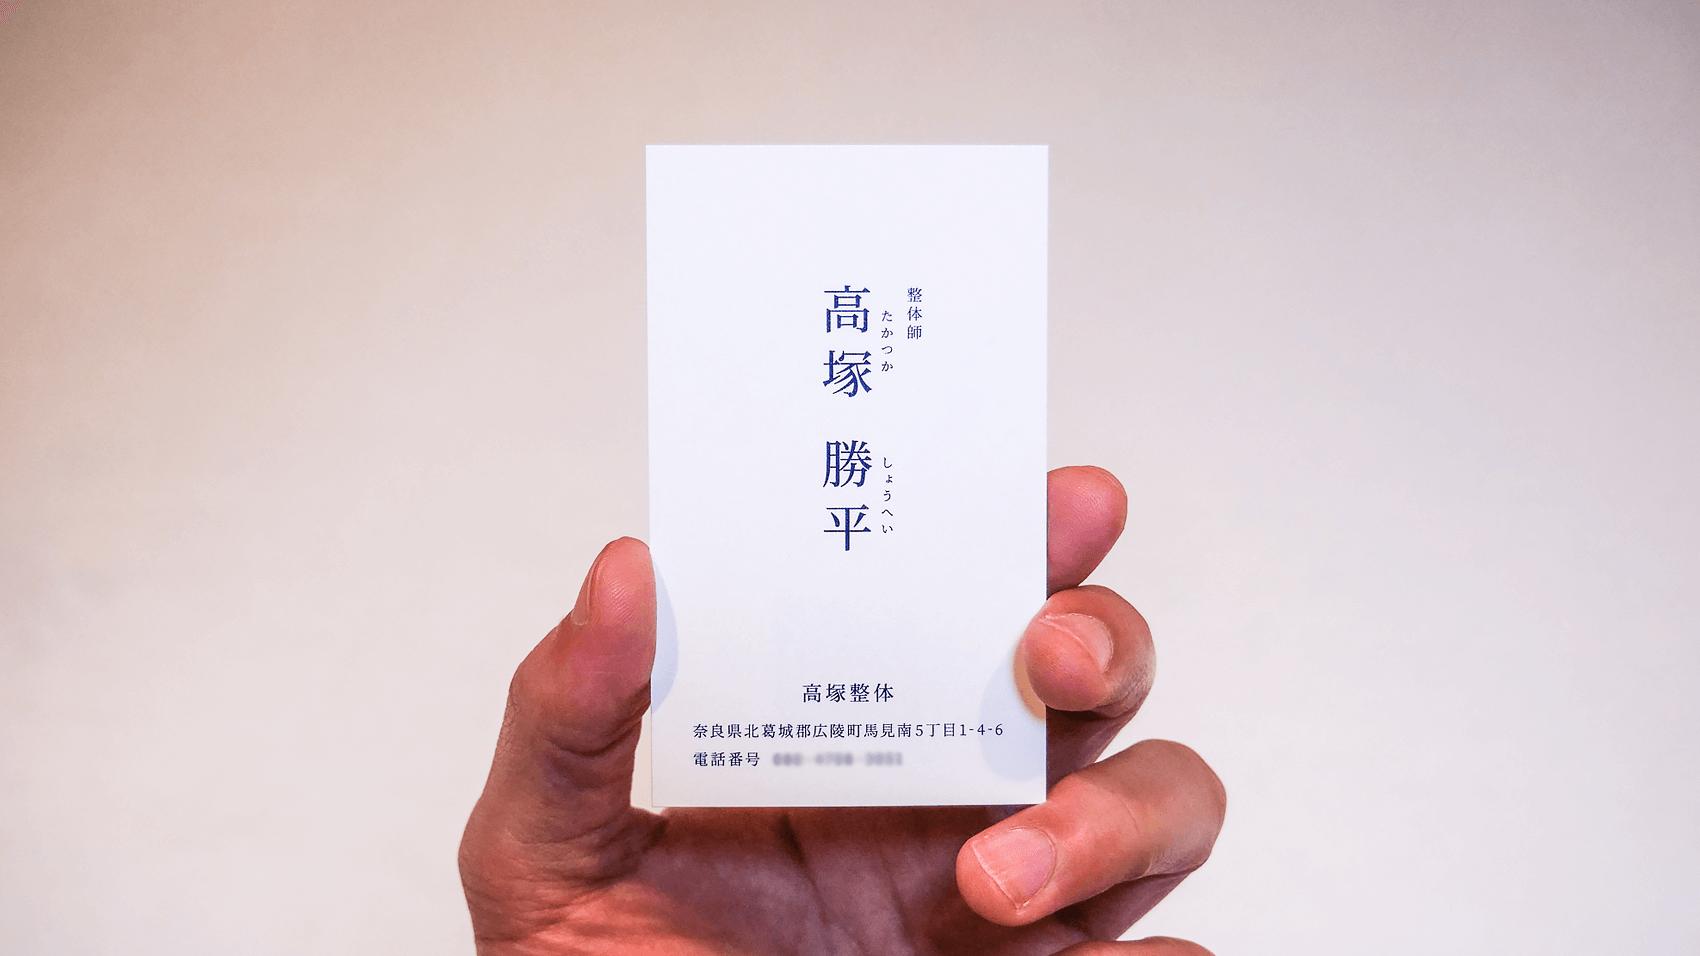 シンプルに整えて伝える。高塚整体さんの名刺デザイン